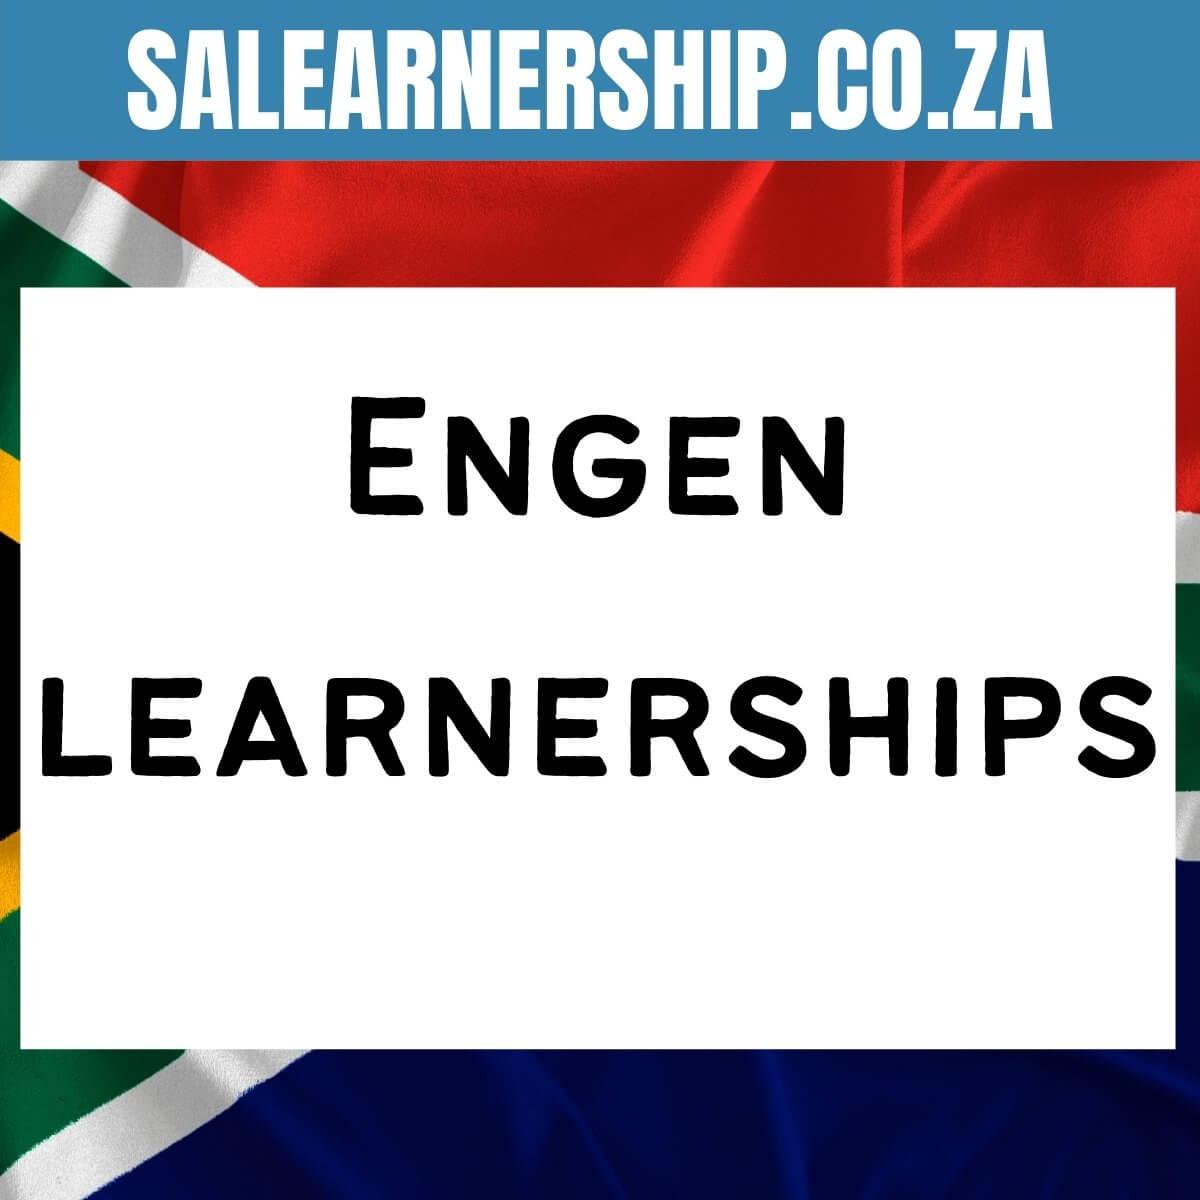 Engen learnerships